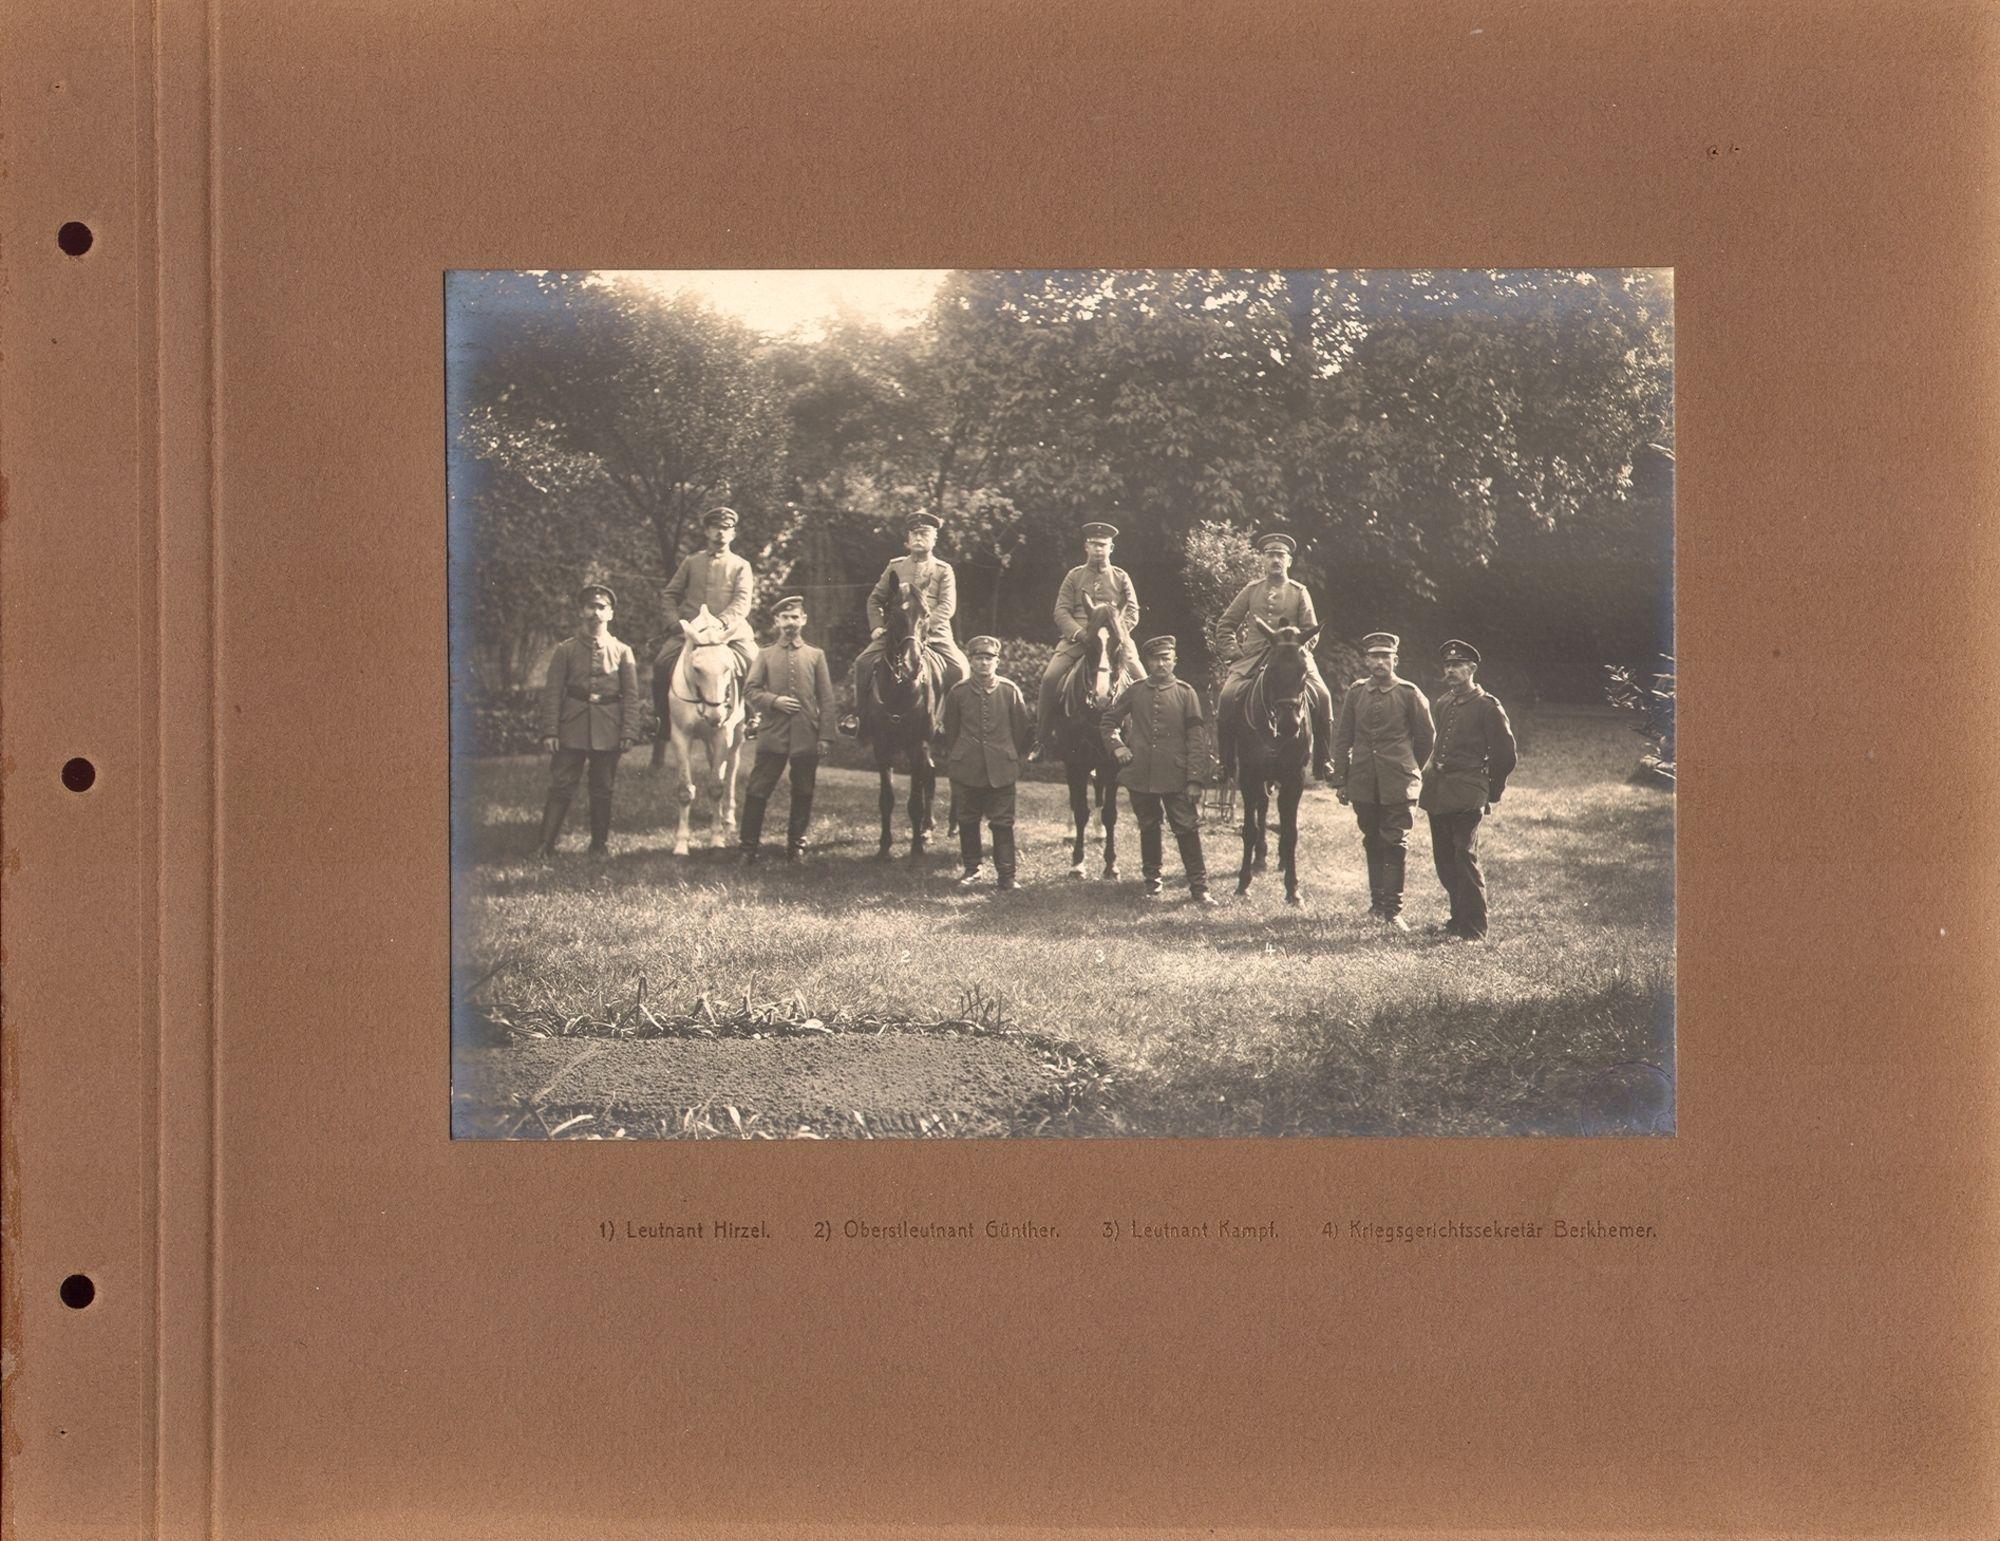 De Duitse officieren Leutnant Hirzel, Oberstleutnant Günther, Leutnant Kampf en krijgsgerechtssecretaris Berkhemer, te paard met persoonlijke adjudanten